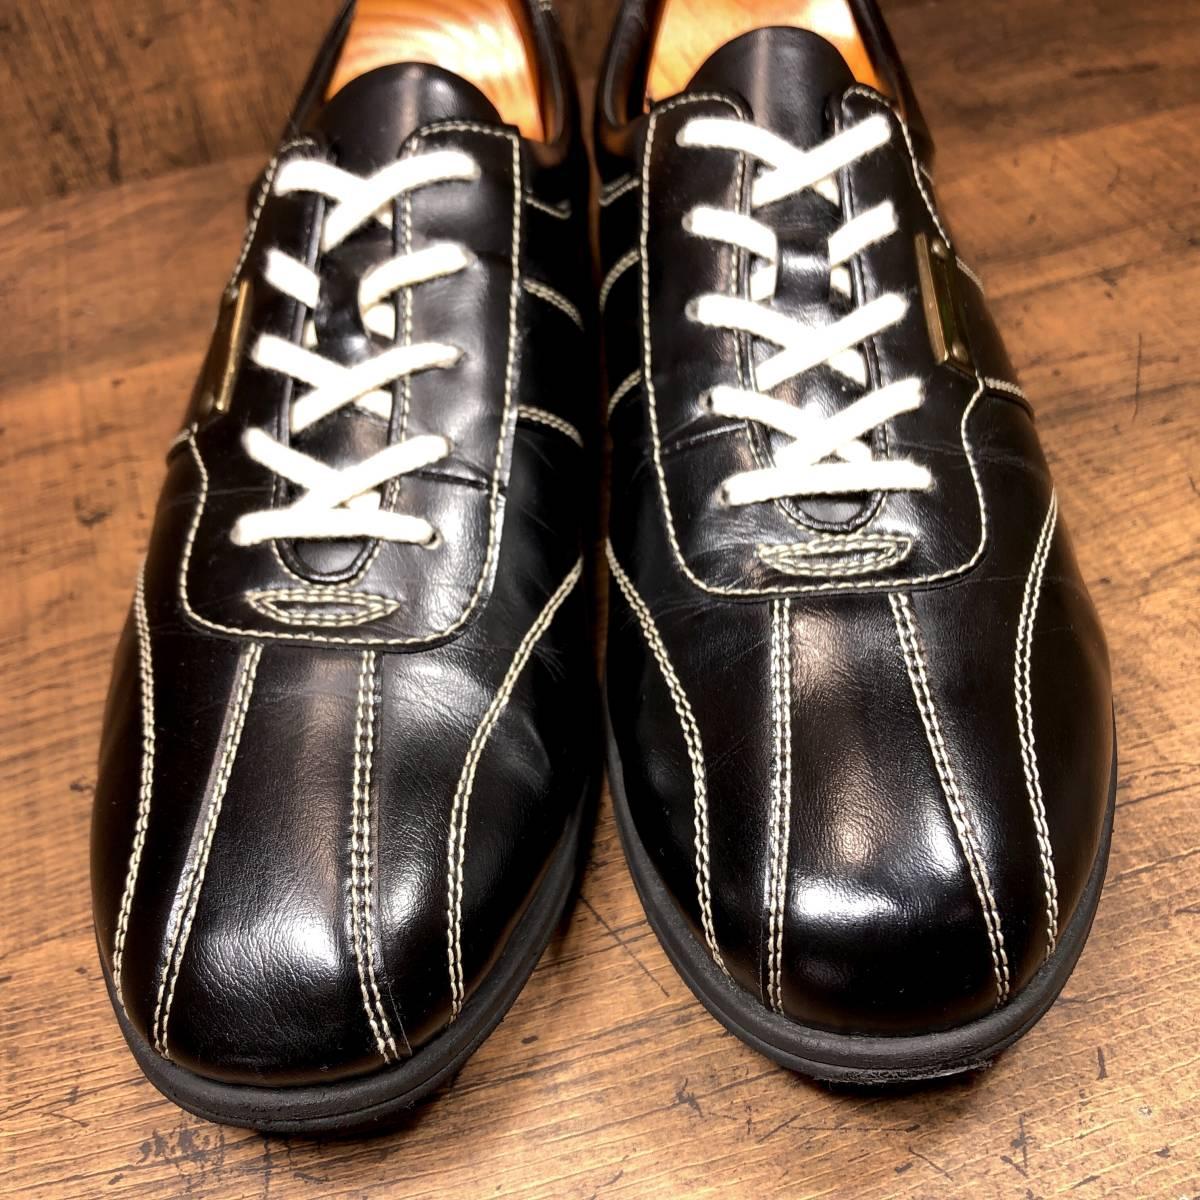 ■CASTELBAJAC■ 26cm 黒 ブラック カステルバジャック スニーカー メンズ 靴 くつ 中古 ヤフネコ 即決_画像4